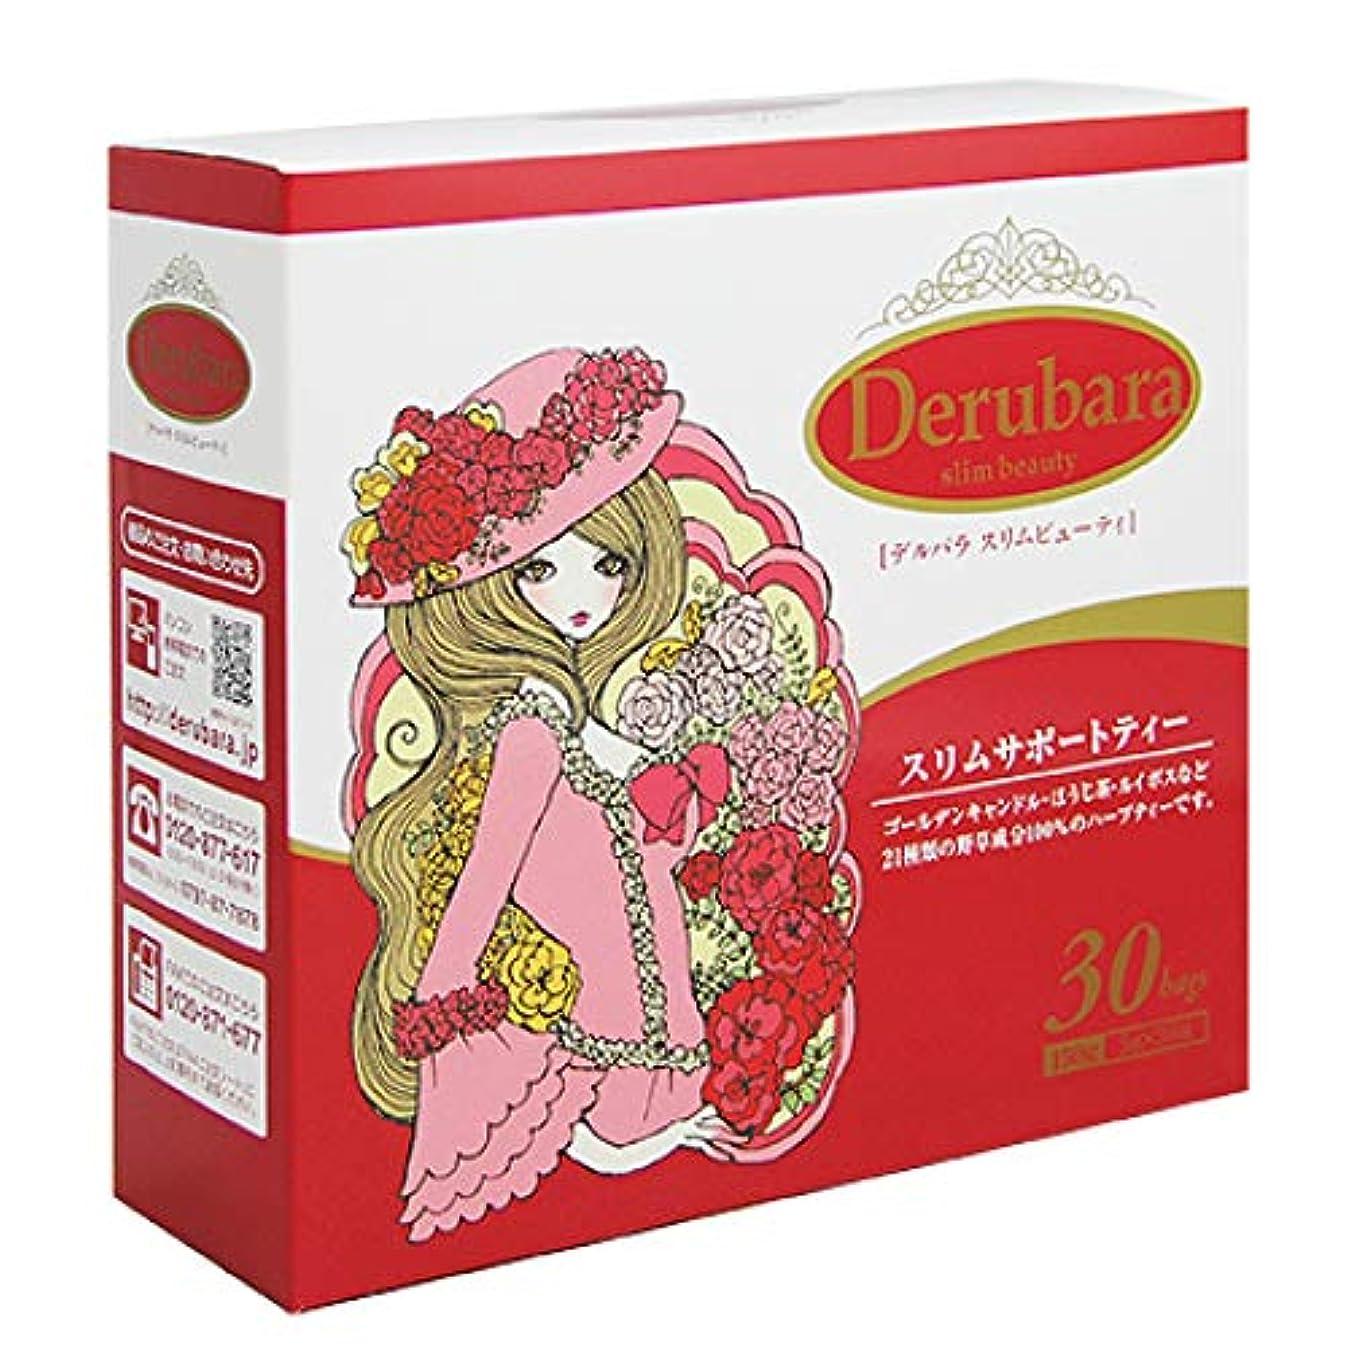 料理試用腐敗したデルバラスリムビューティ 1箱 (1包5g×30包入)朝スッキリ! キャンドルブッシュ お茶